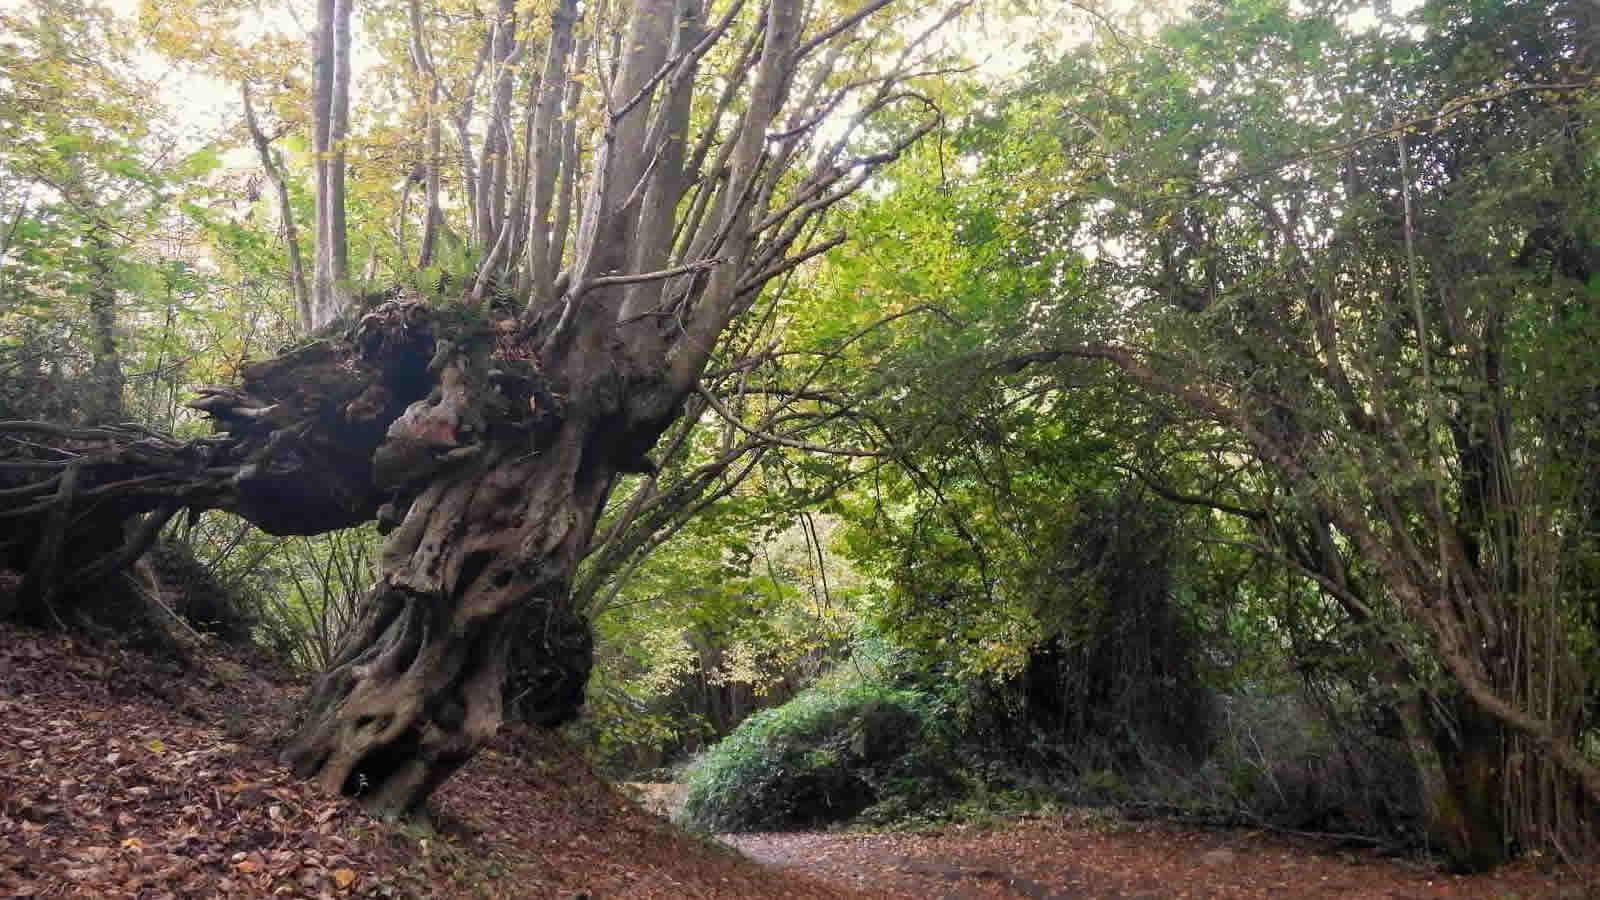 Immagini Di Piante E Alberi vuoi vivere felice? circondati di piante e alberi la